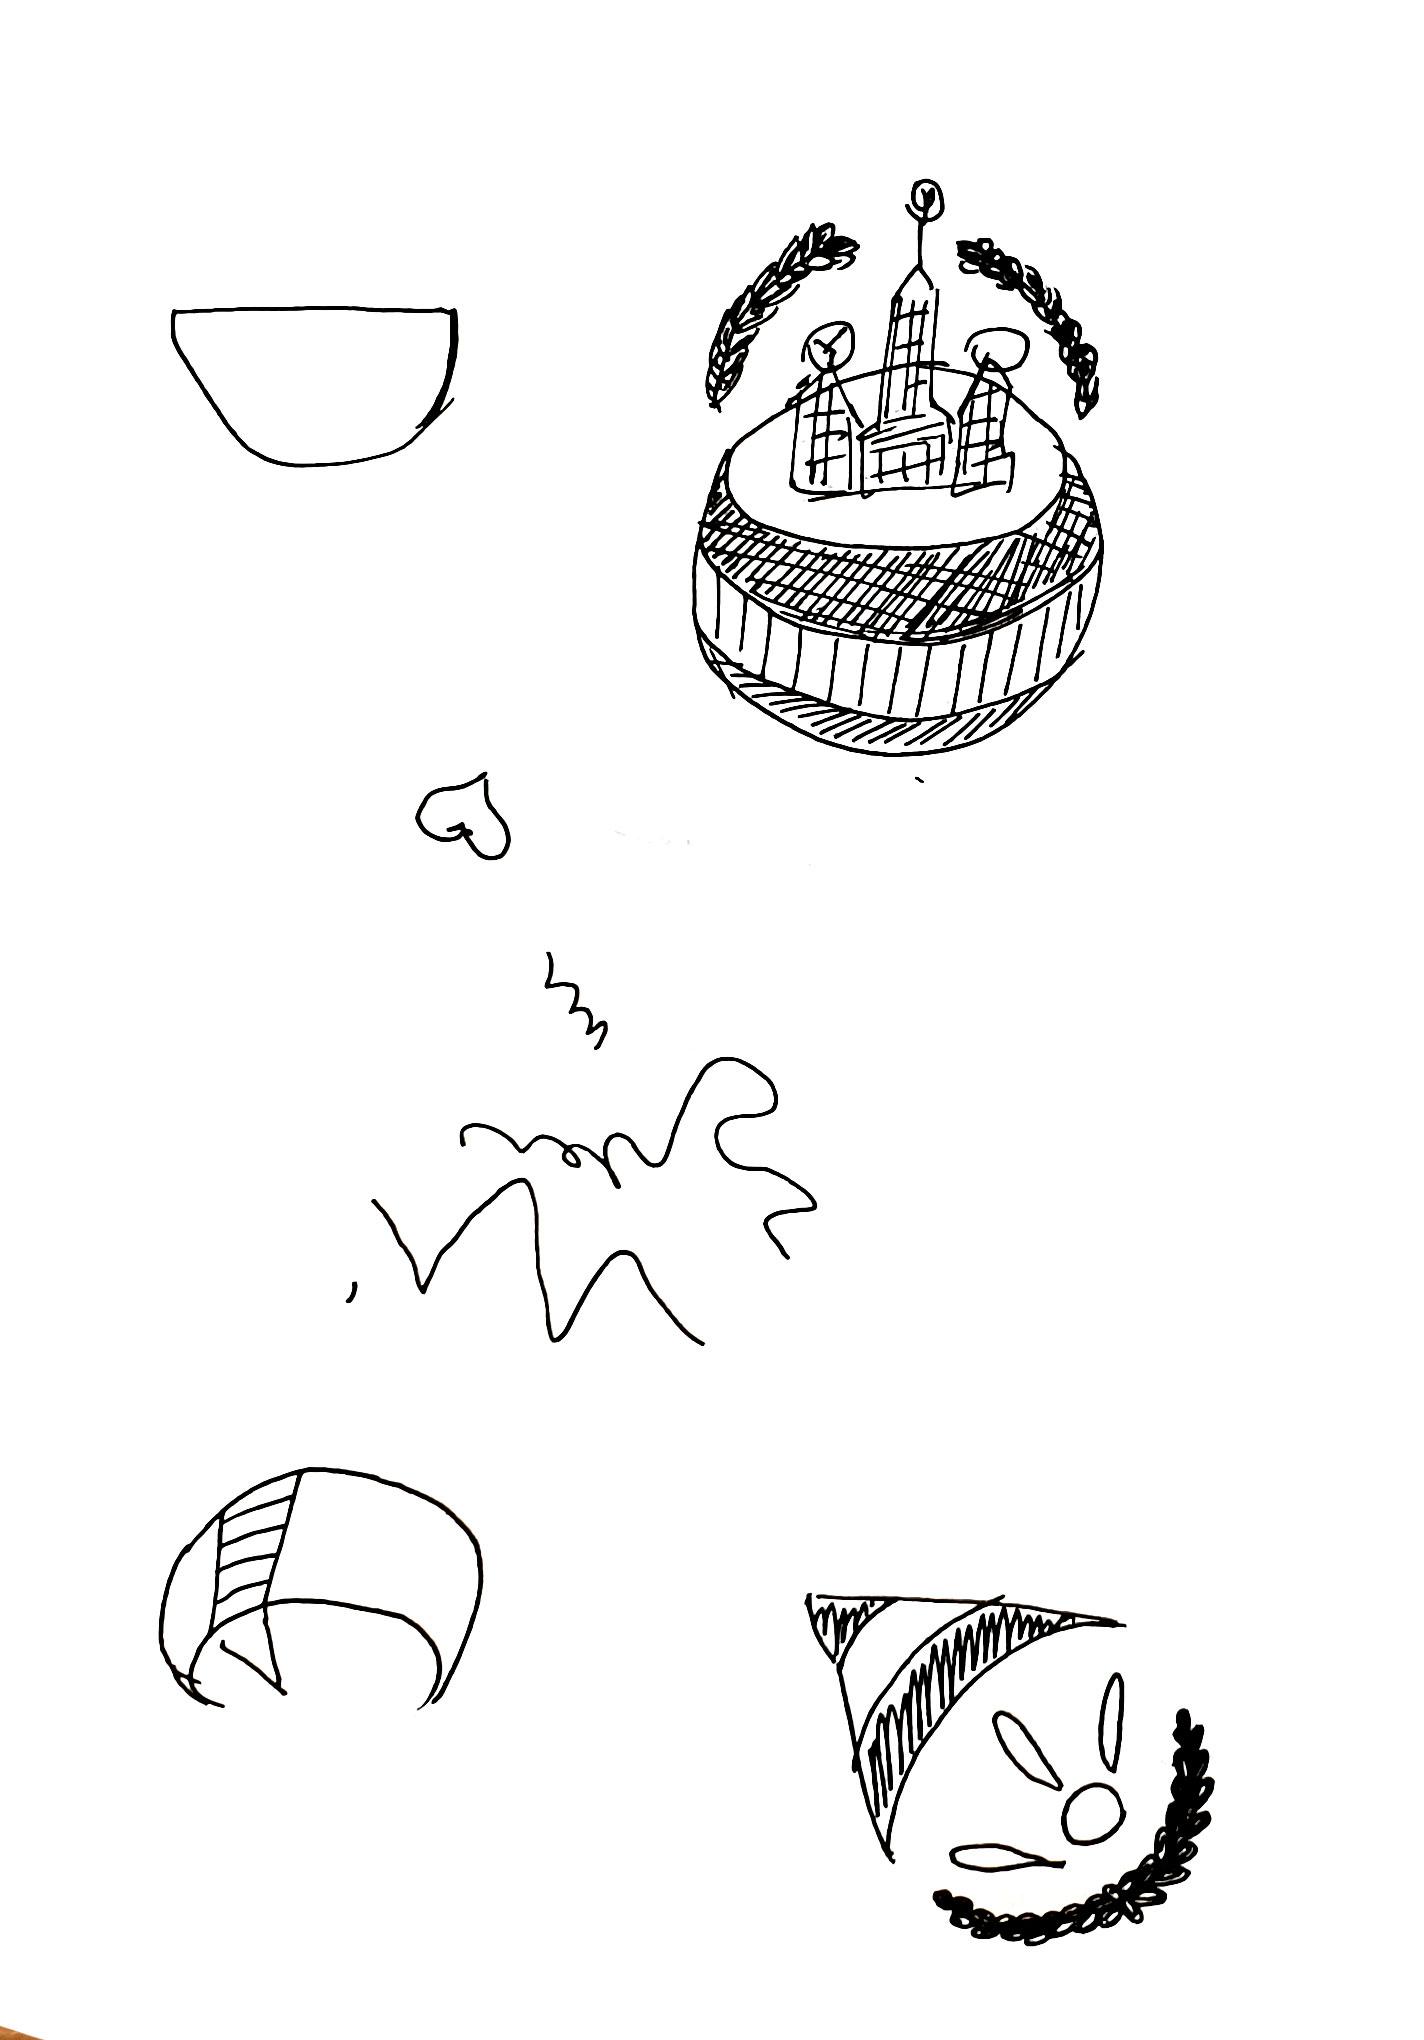 soilmsu-logo-ideas-2